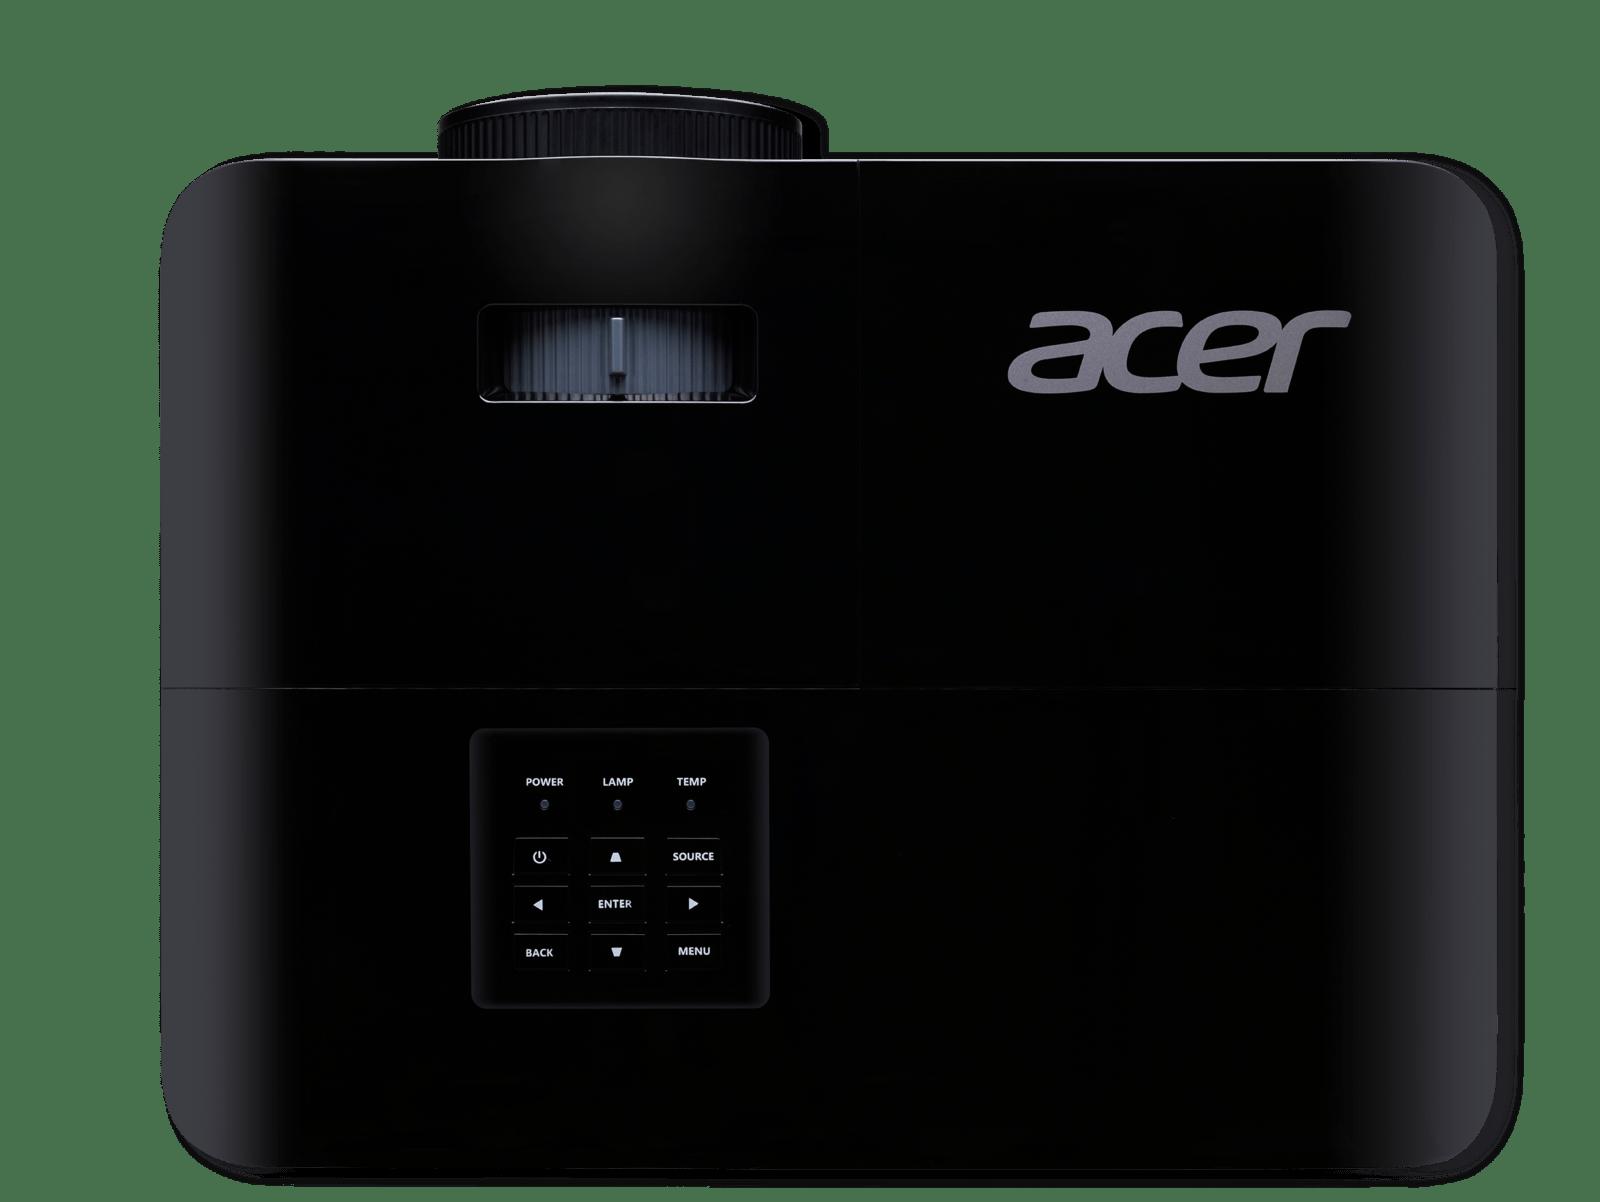 Acer представила на российском рынке новые проекторы X1 для бизнеса (X1126AH X1226AH X1326AWH X1128H X1228H X1328WH 5)